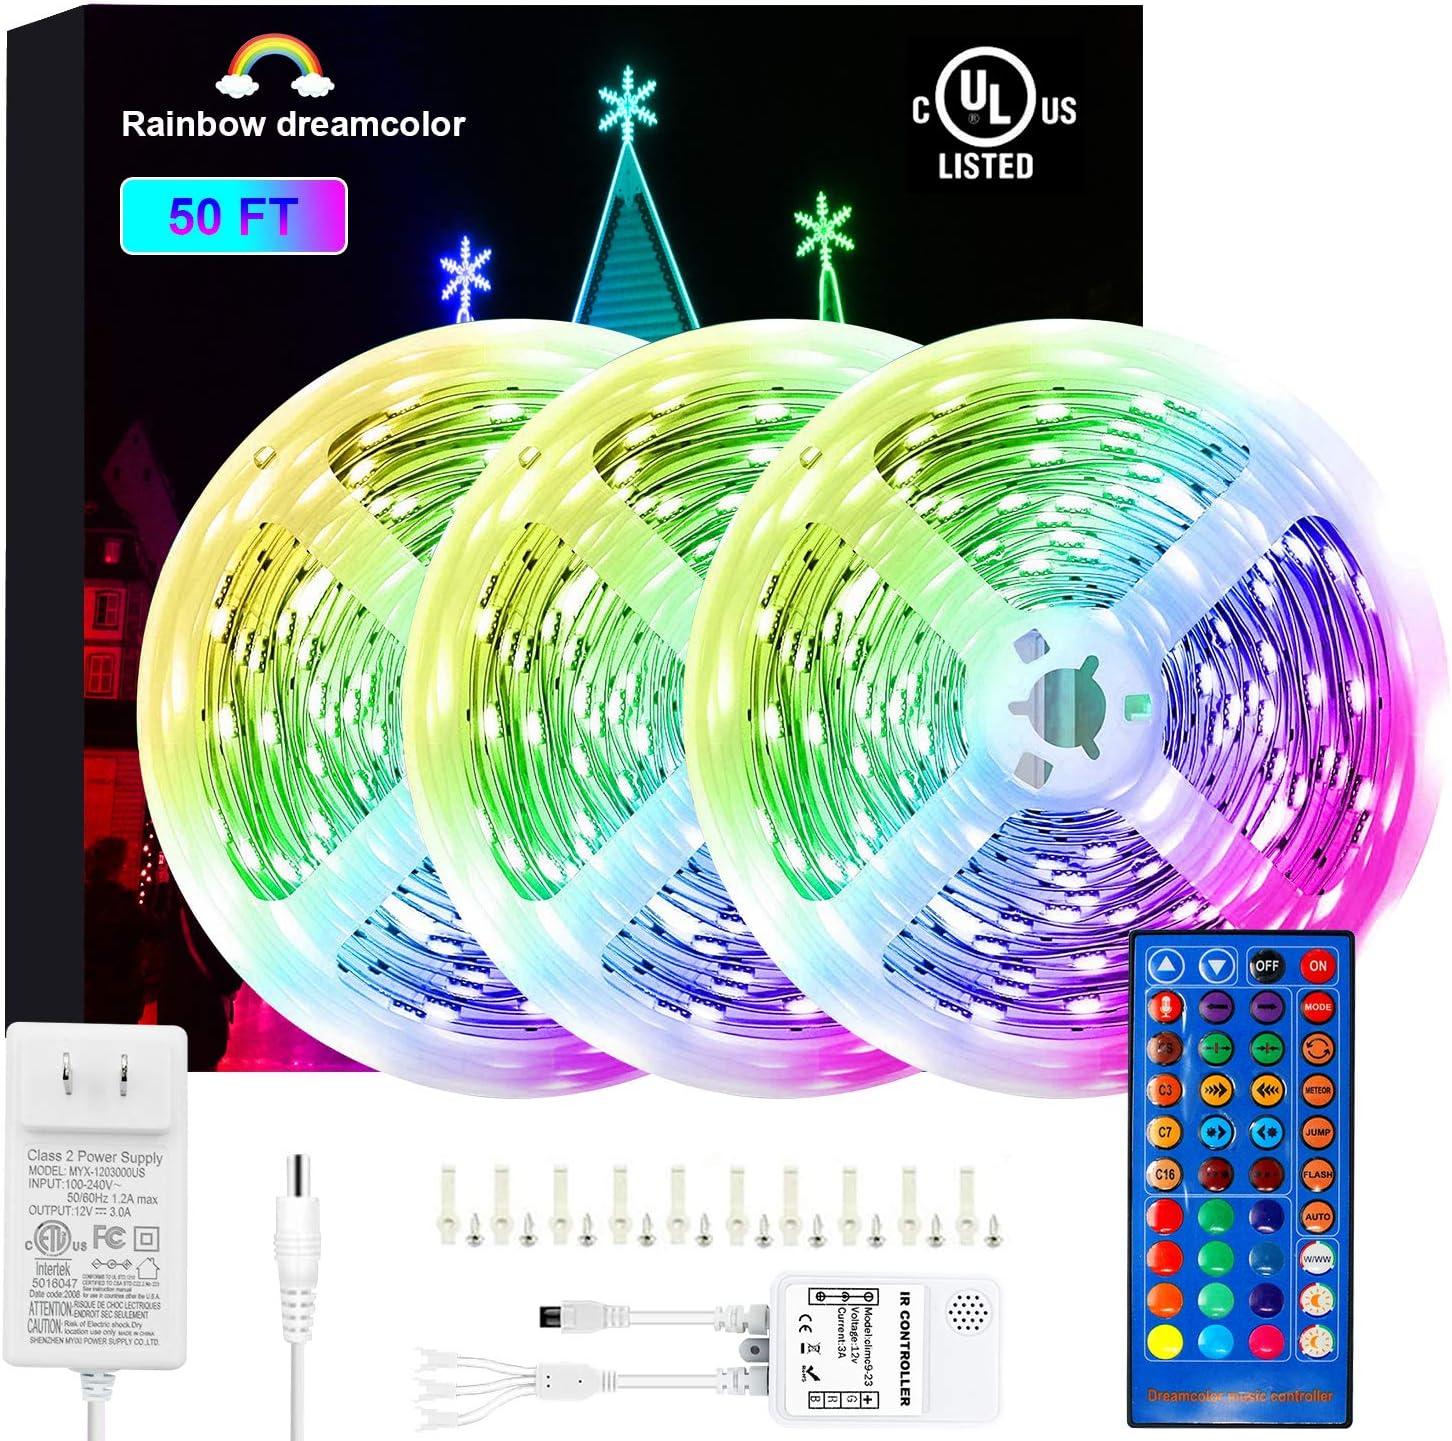 50Ft DreamColor LED Sale item Strip Lights Multicolor Chasin RGBIC 450pcs Bargain sale